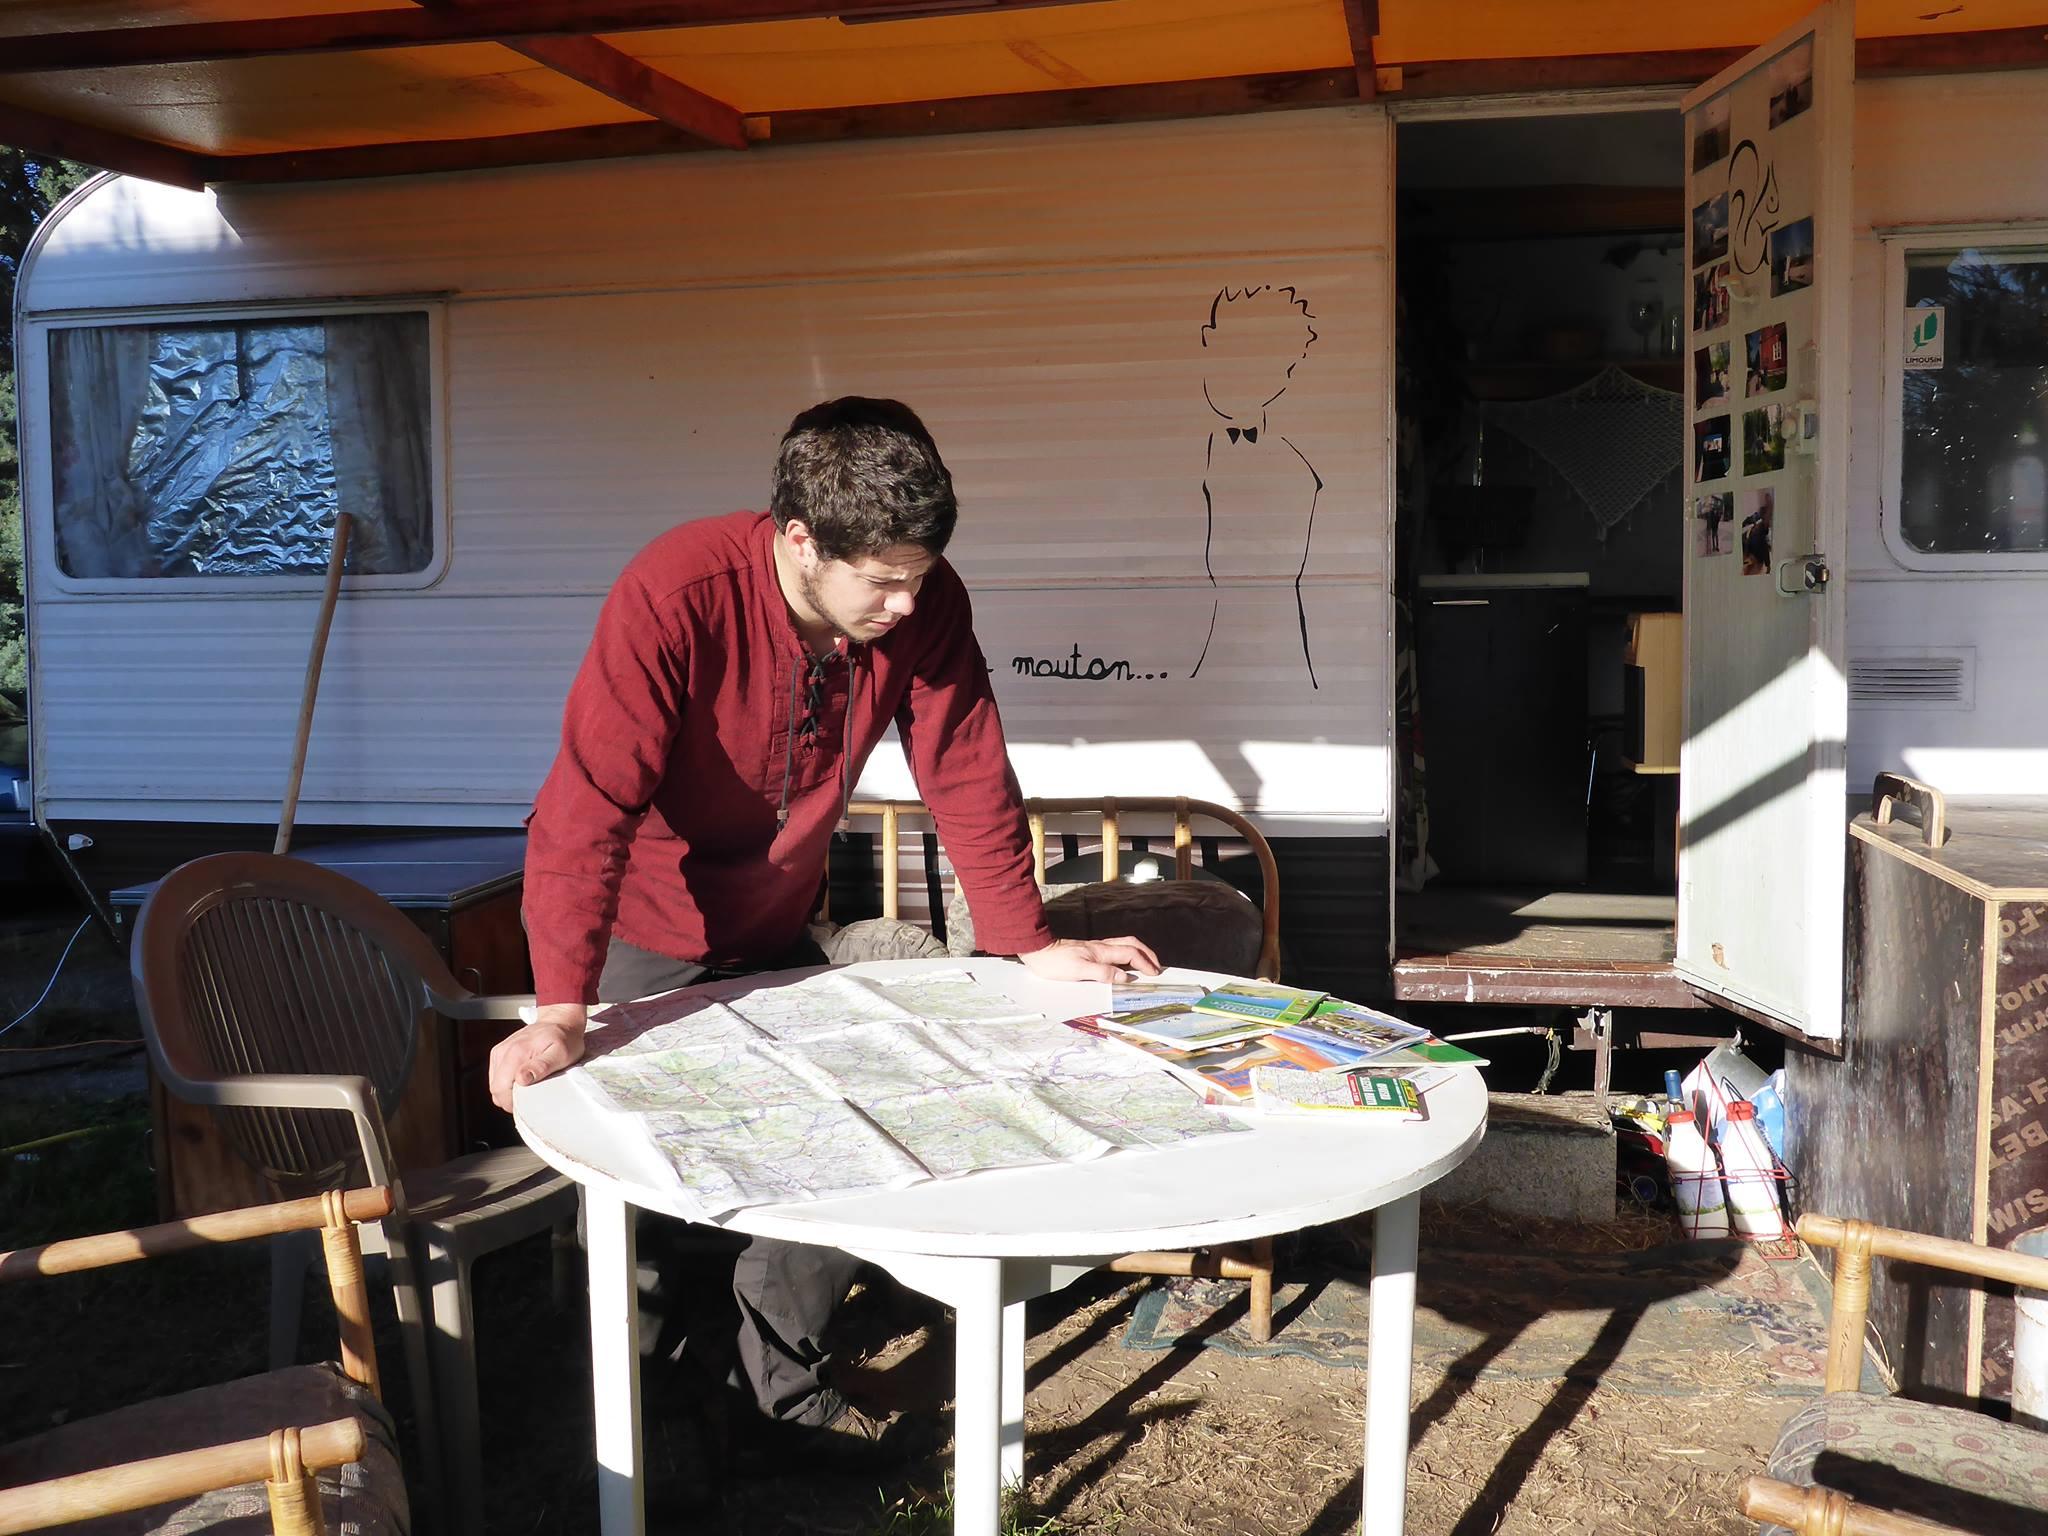 Programme des dernières semaines avant le nouveau départ : Rassemblement du matos et repérage sur les cartes